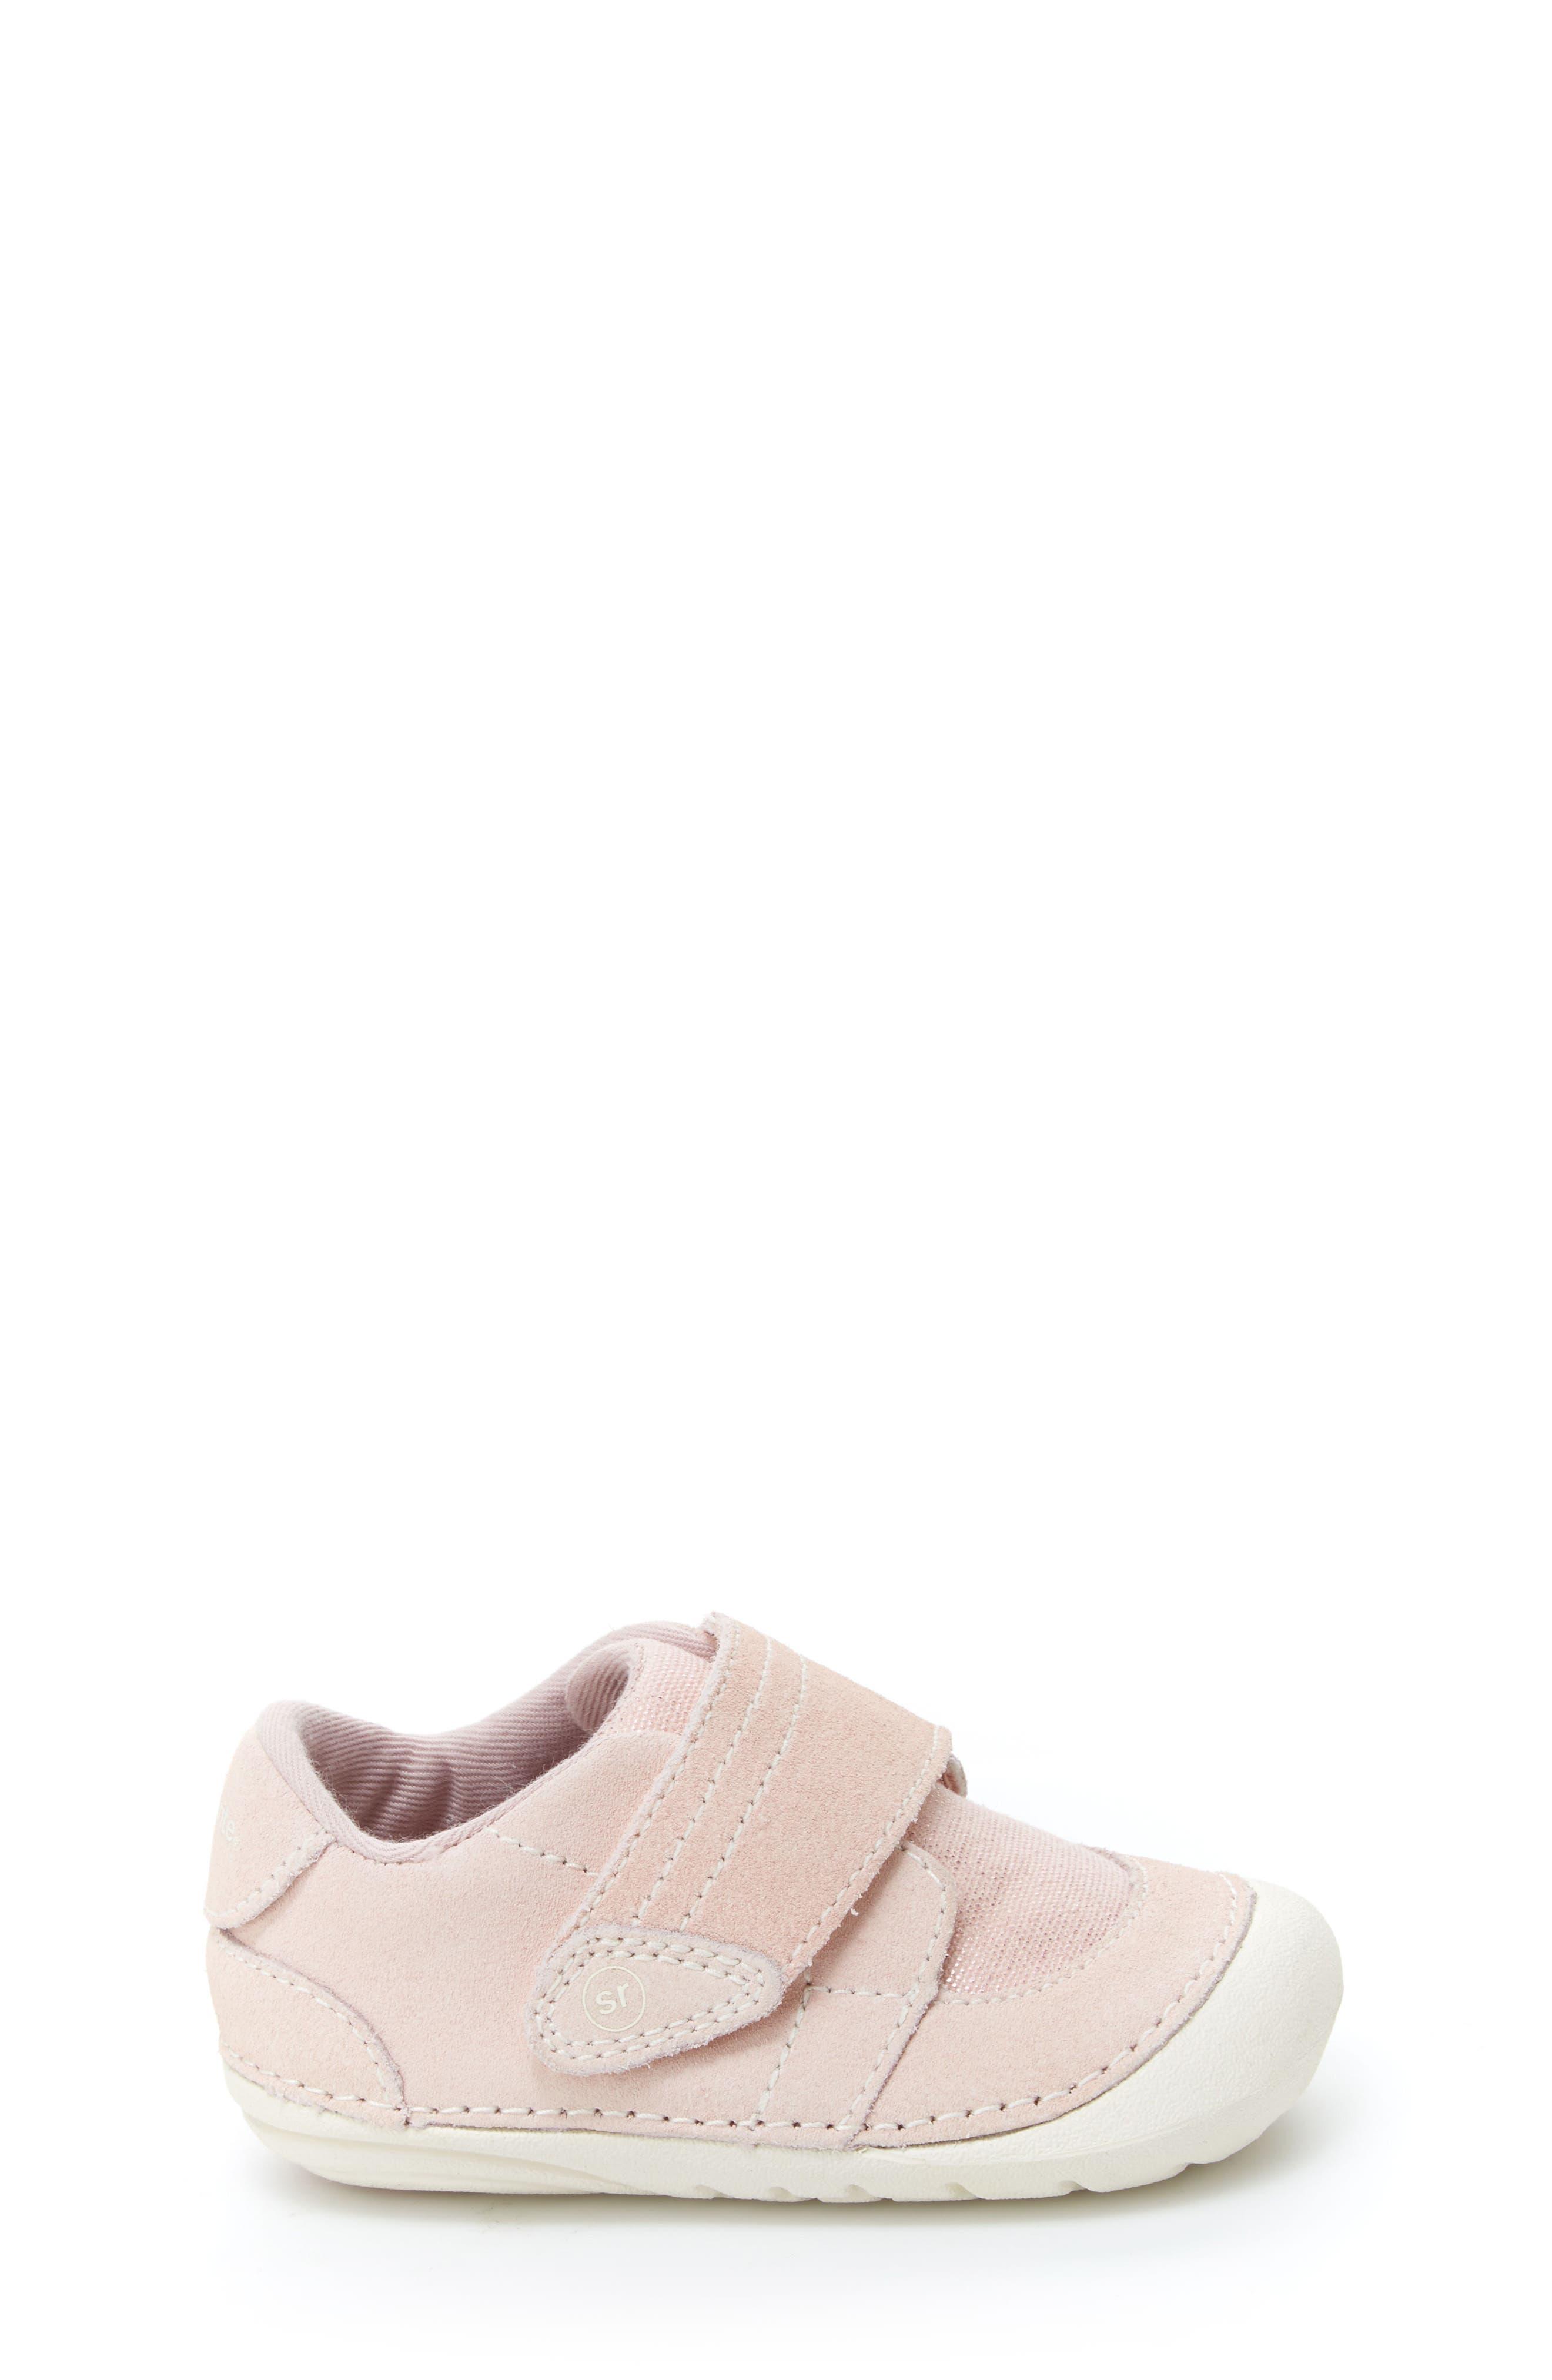 Soft Motion Kellen Sneaker,                             Alternate thumbnail 3, color,                             650